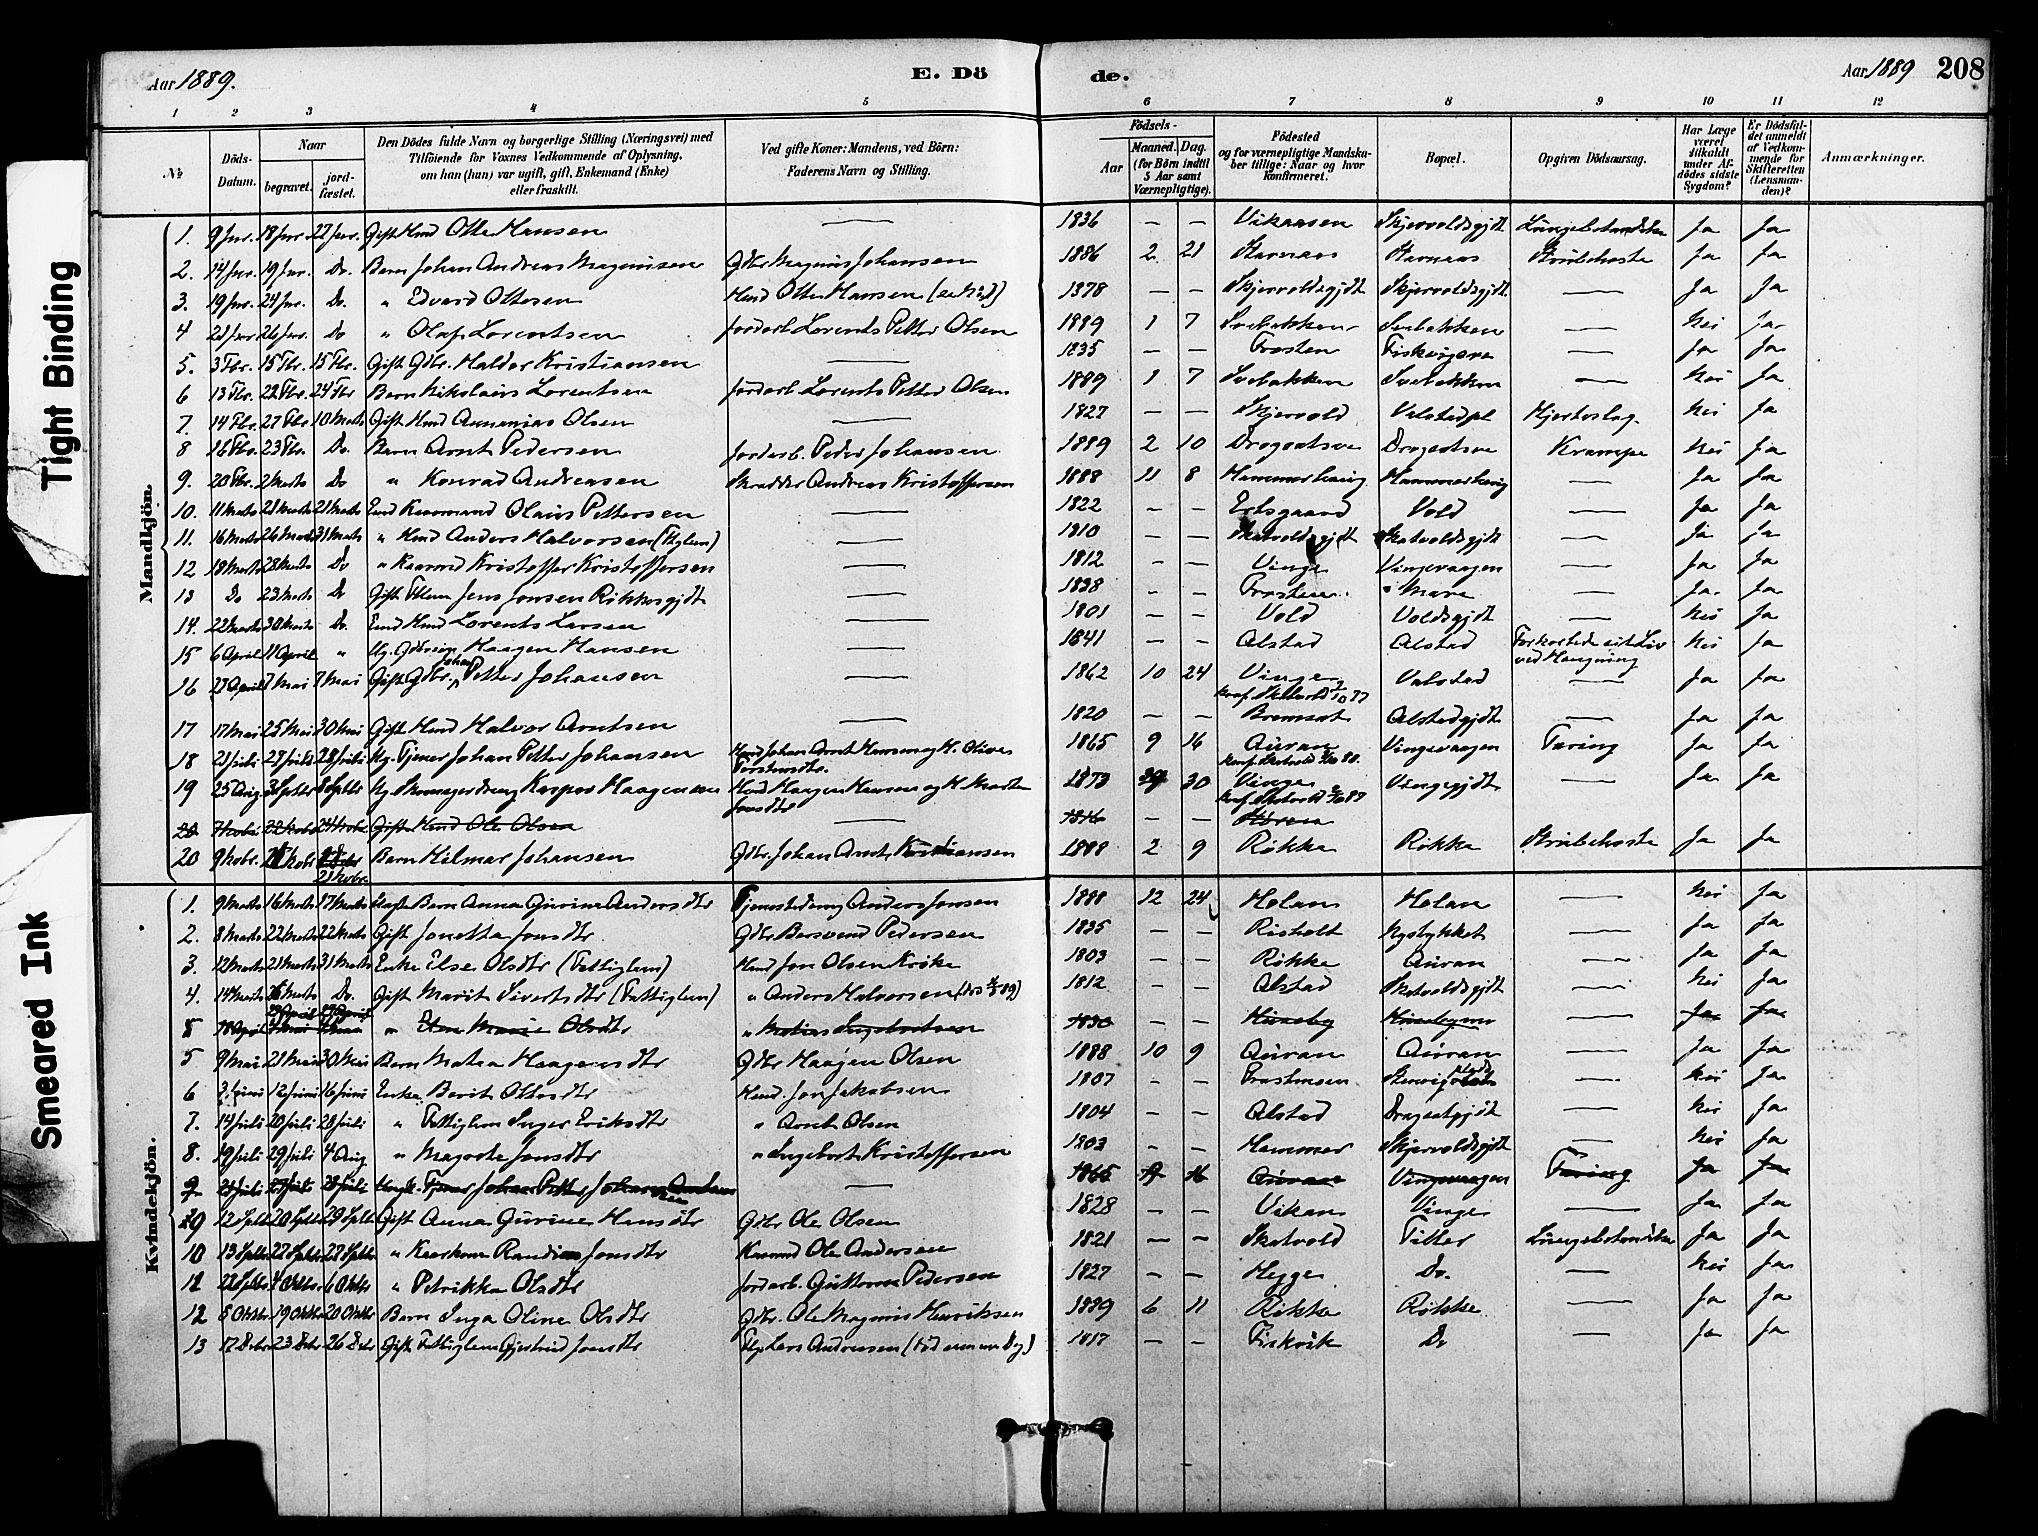 SAT, Ministerialprotokoller, klokkerbøker og fødselsregistre - Nord-Trøndelag, 712/L0100: Ministerialbok nr. 712A01, 1880-1900, s. 208